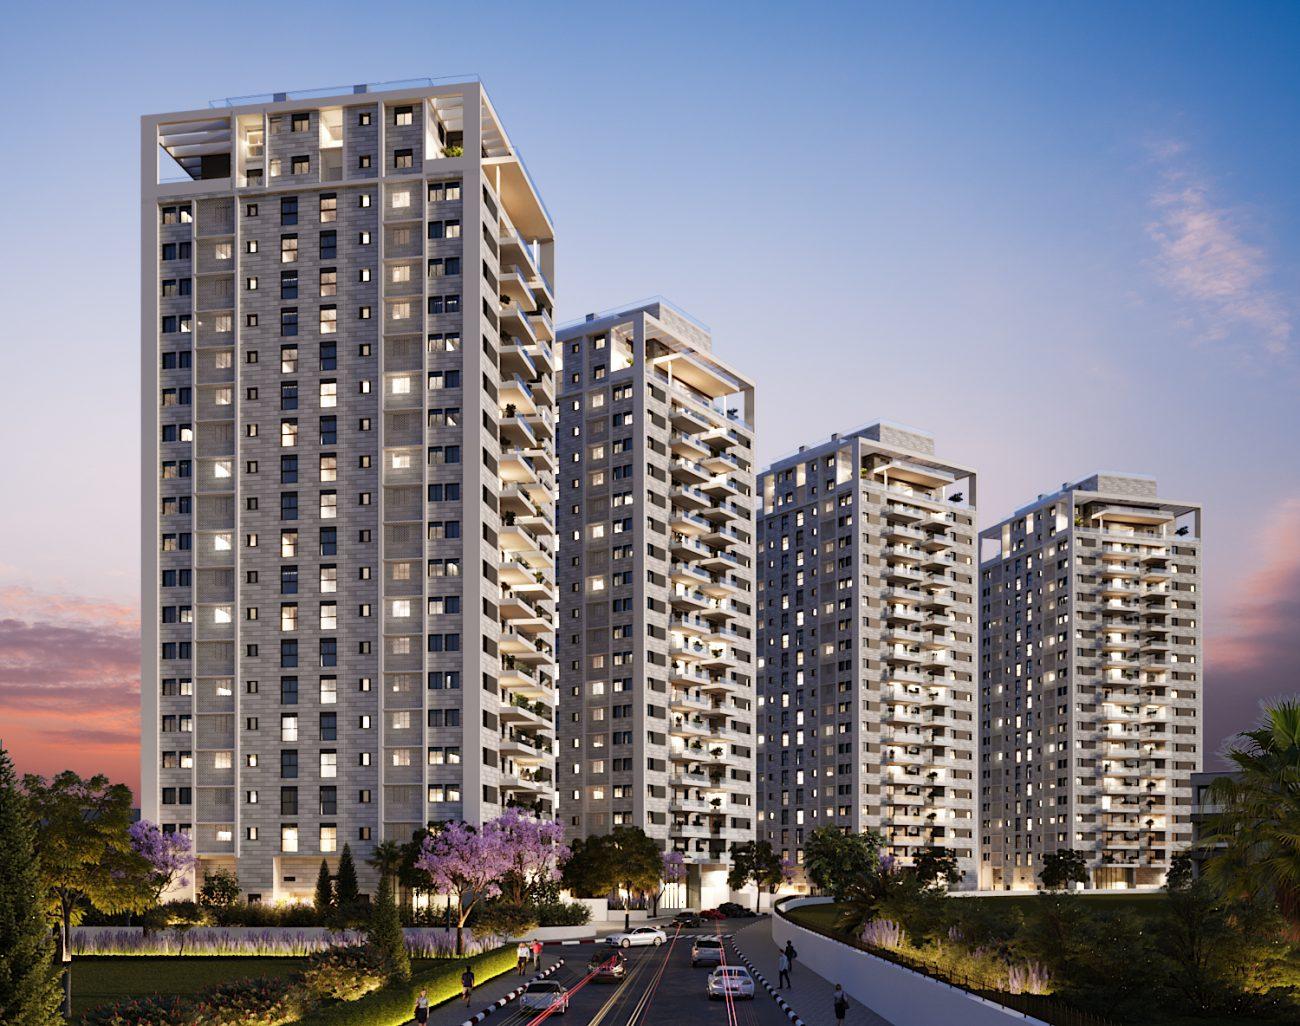 הדמיית פרויקט אלמוג יבנה - 4 בניינים ברחוב לקראת ערב